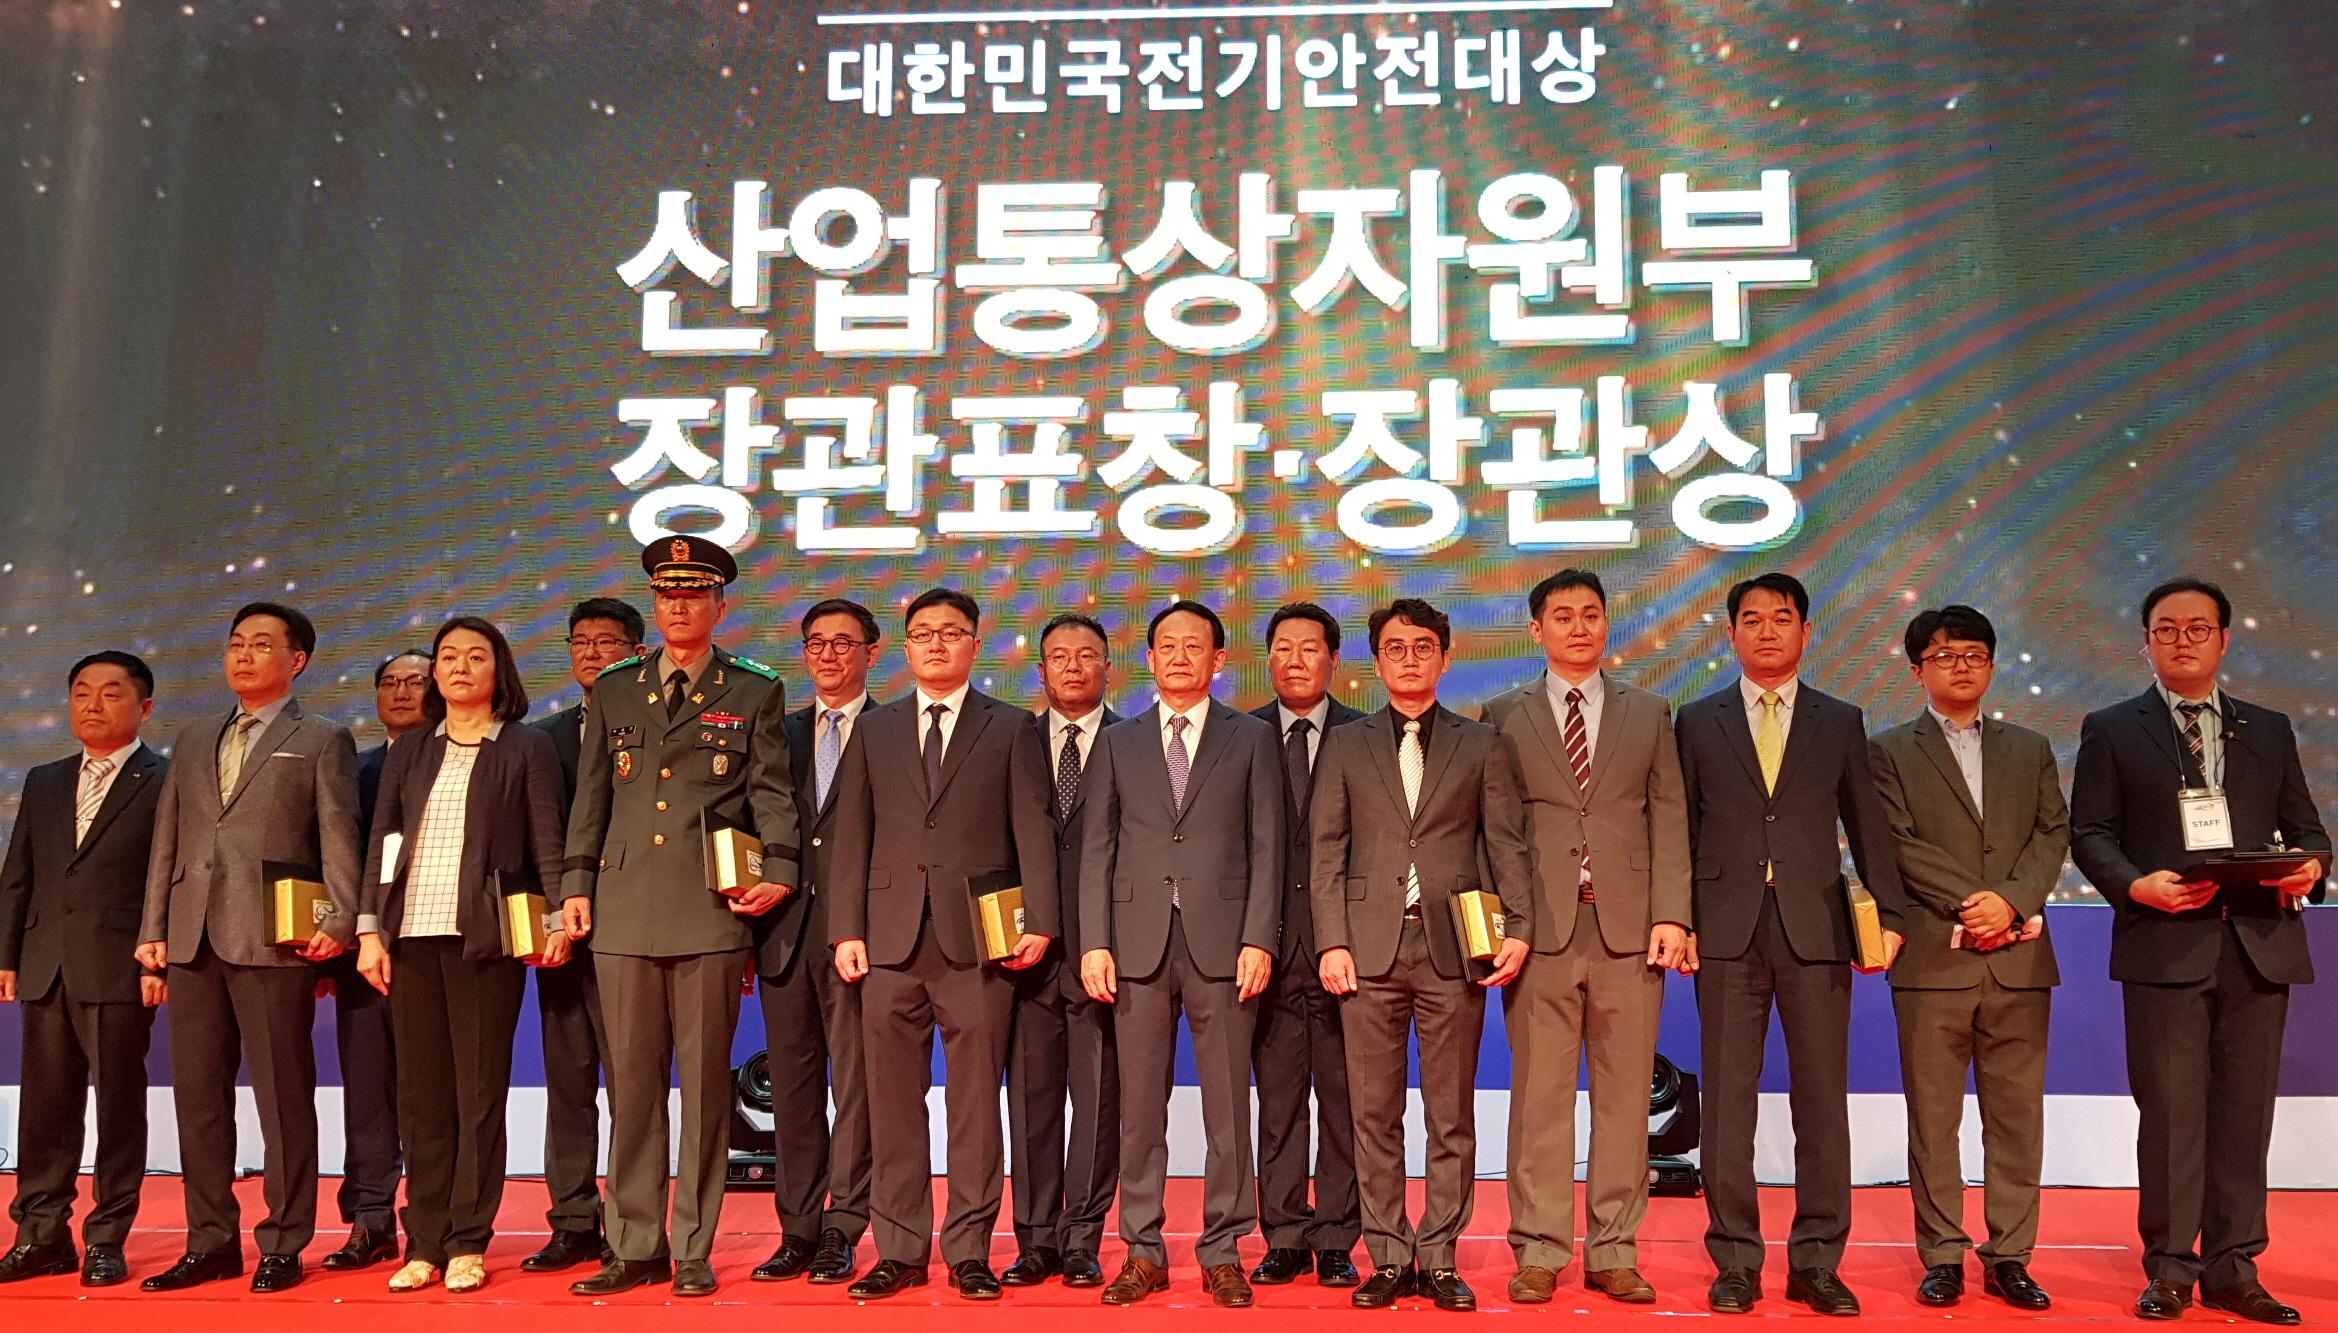 부산시설공단'2018 대한민국 전기안전대상'수상 이미지1번째